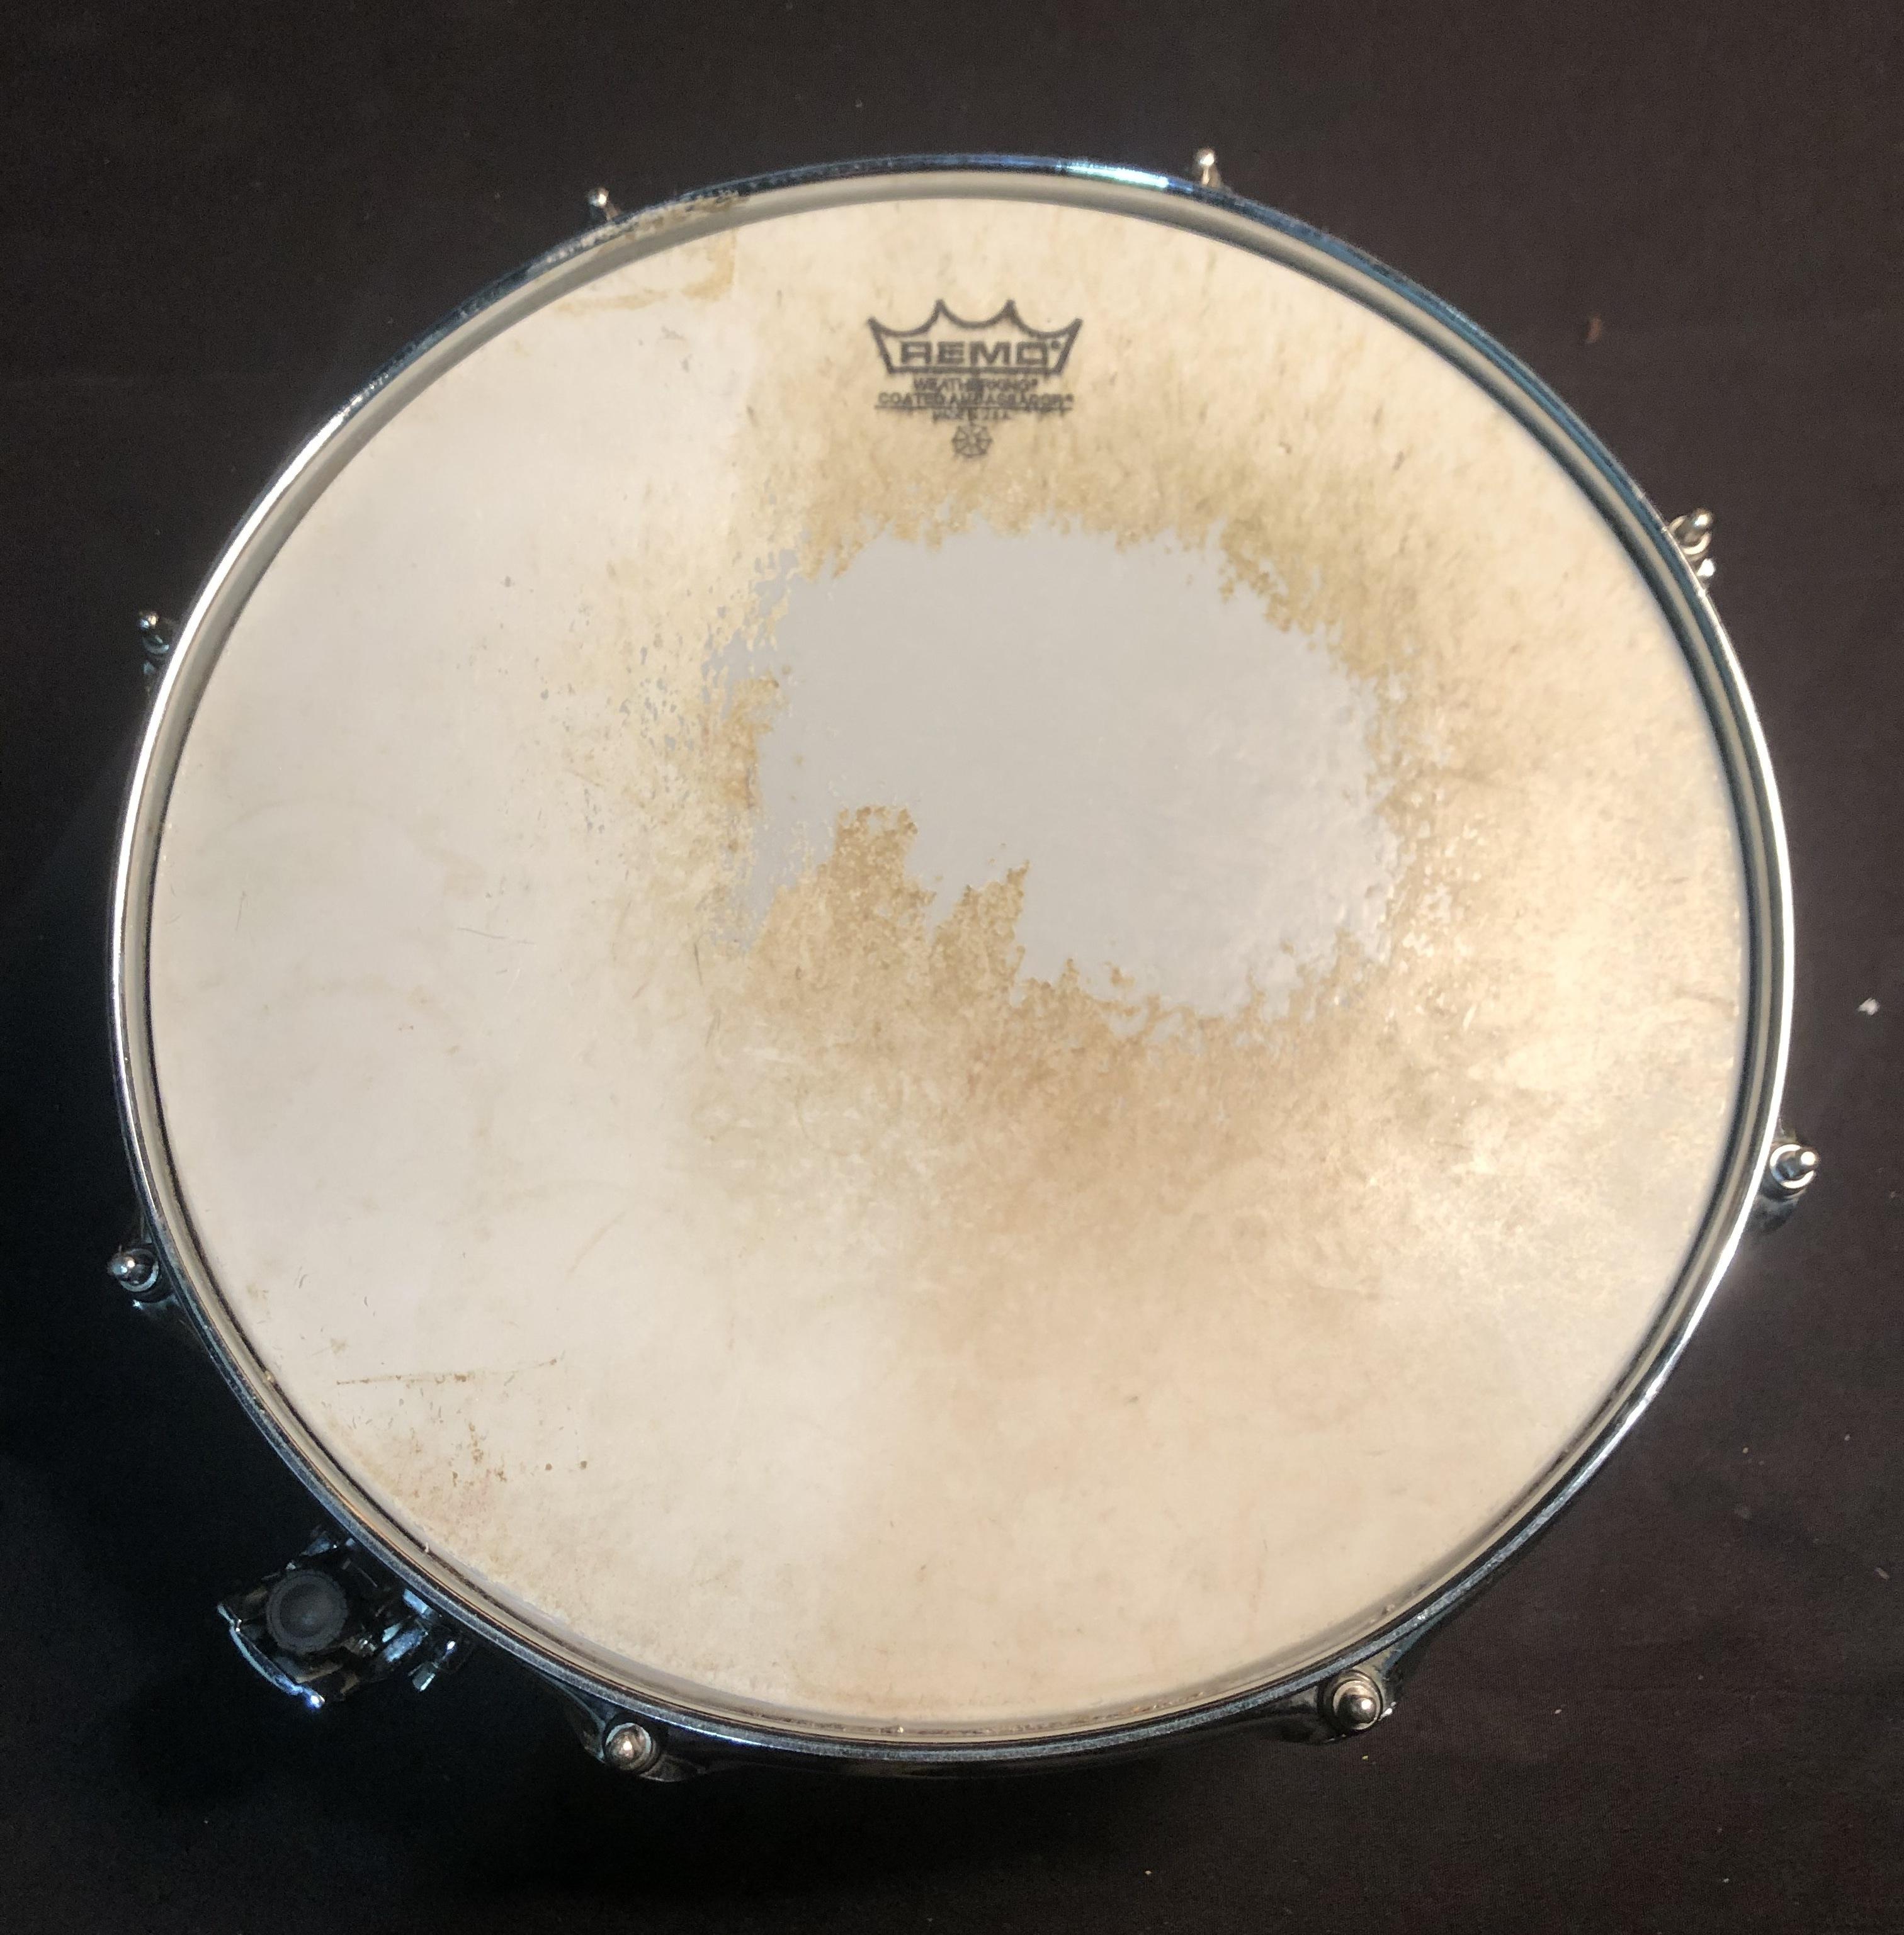 TAMA - Soul Toul Snare Drum 14